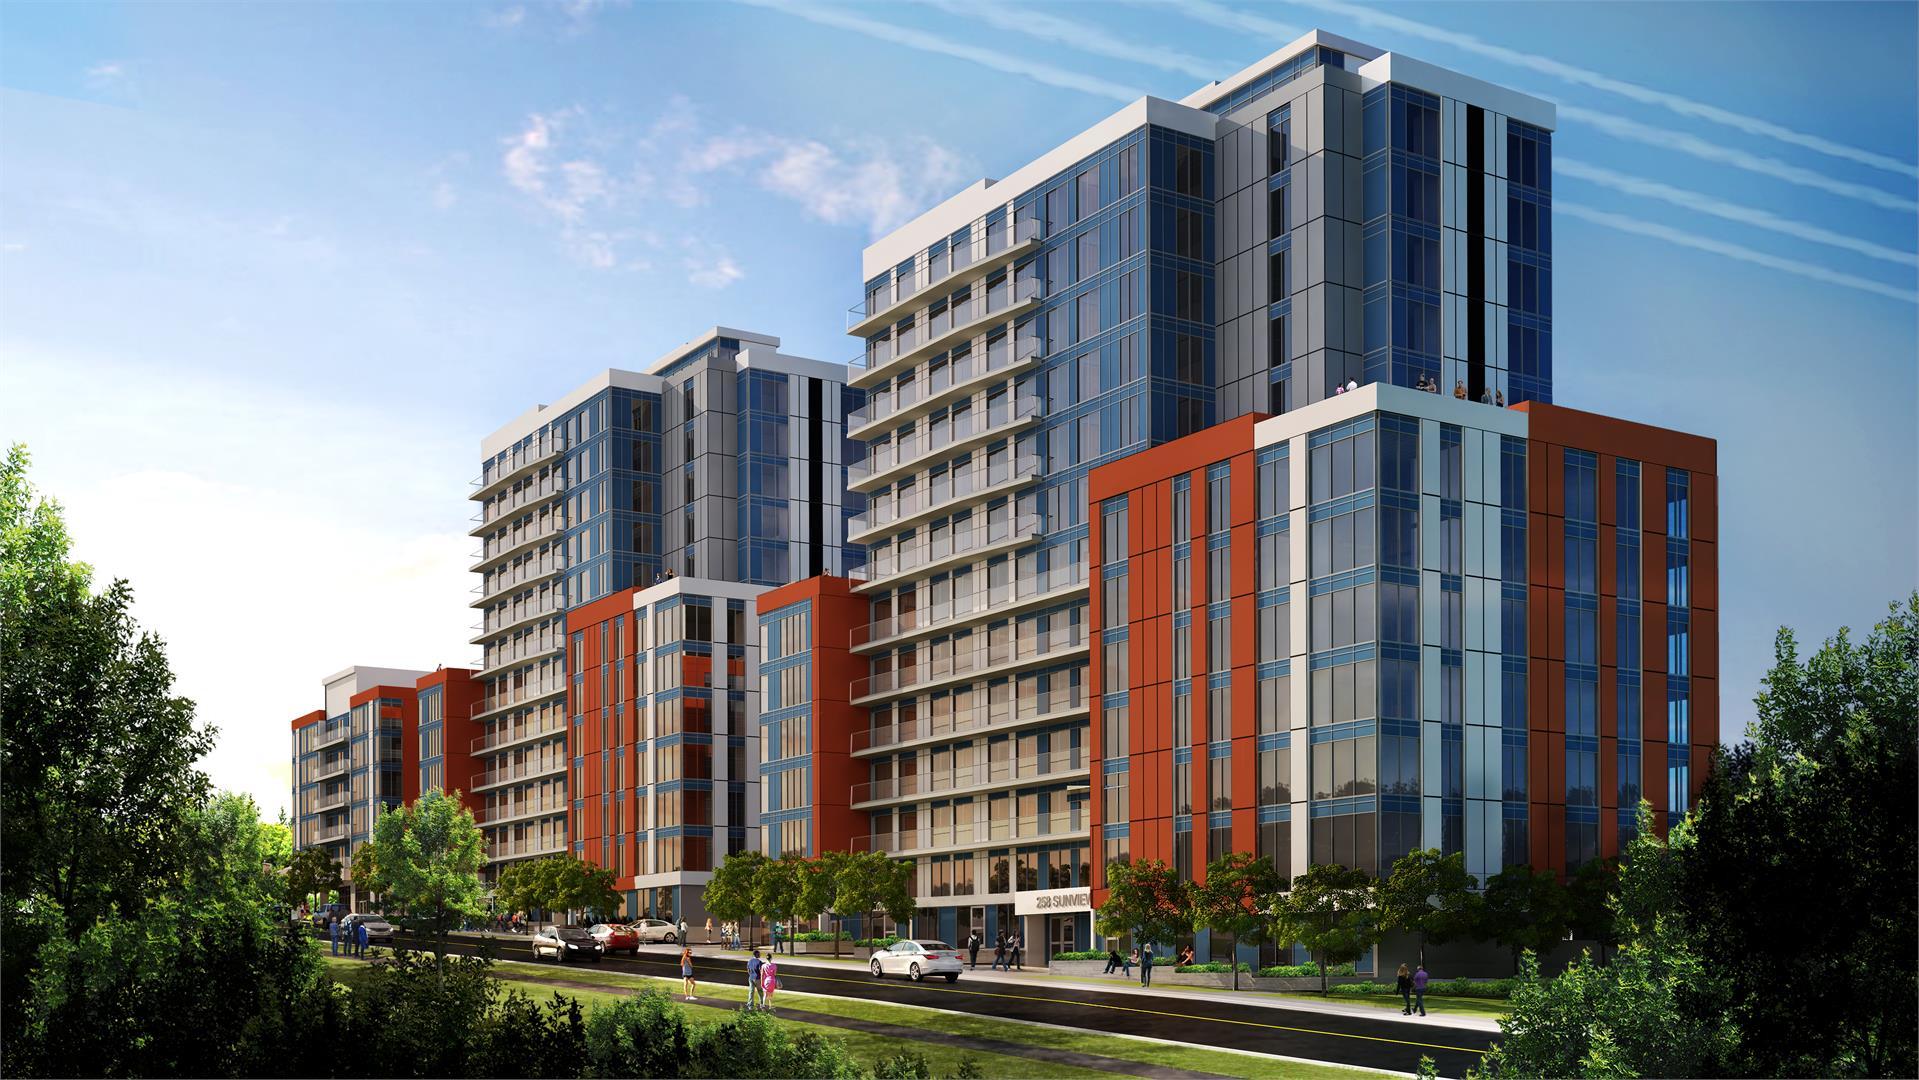 Condoville Club Toronto. Luxury Preconstruction Condos, Real Estate Ontario, Rental Guarantee, New Condos, Sunview Suites Kitchener Waterloo building